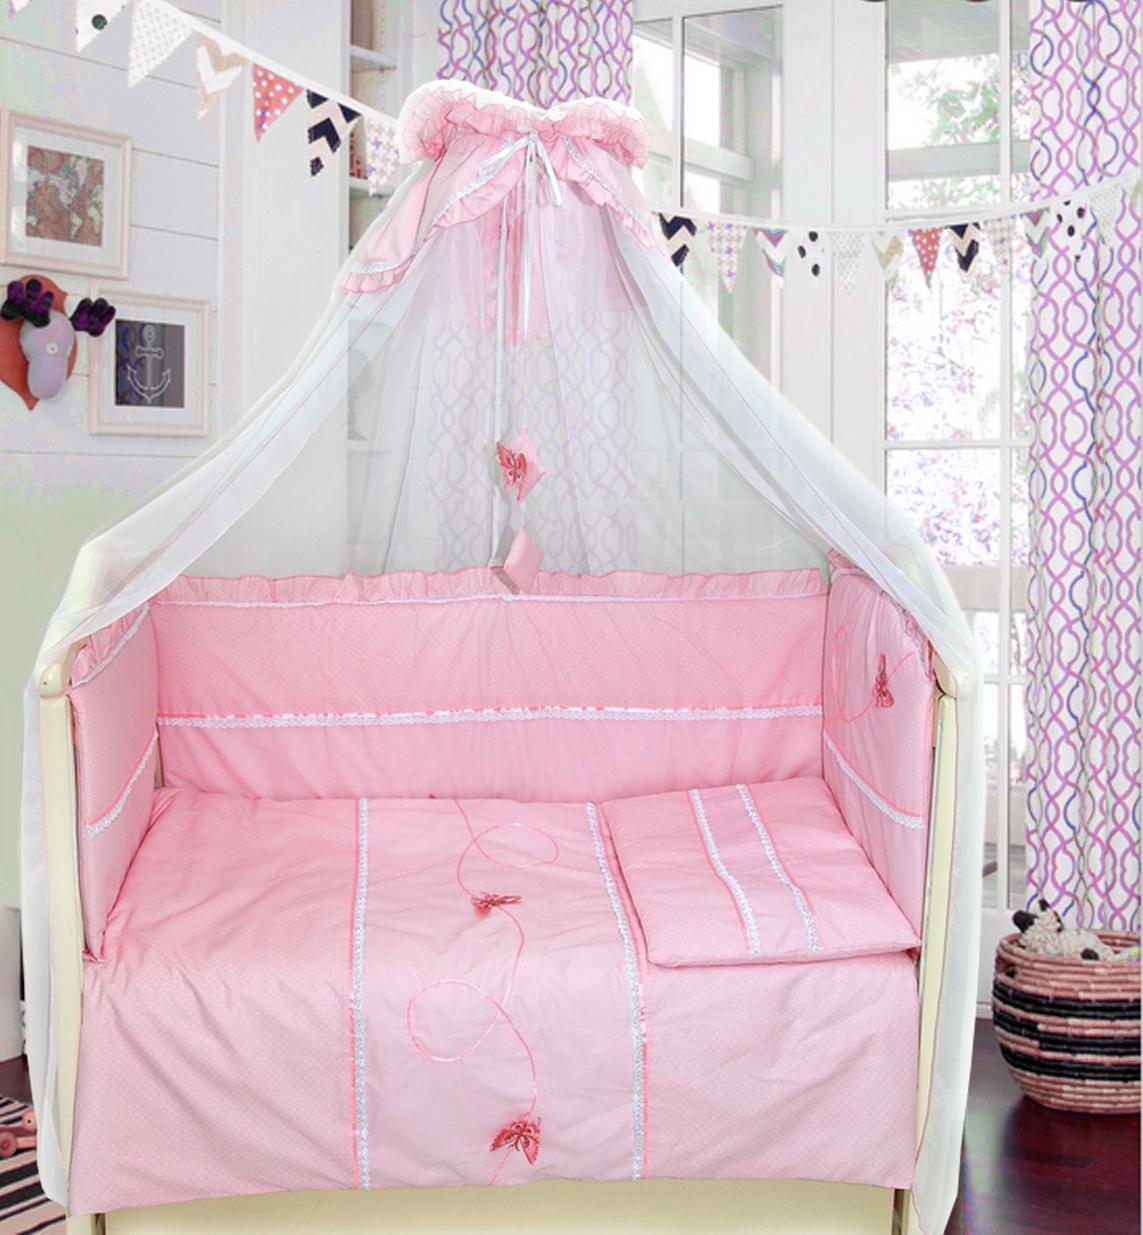 Комплект в кроватку - Бабочки, 7 предметов, розовыйДетское постельное белье<br>Комплект в кроватку - Бабочки, 7 предметов, розовый<br>